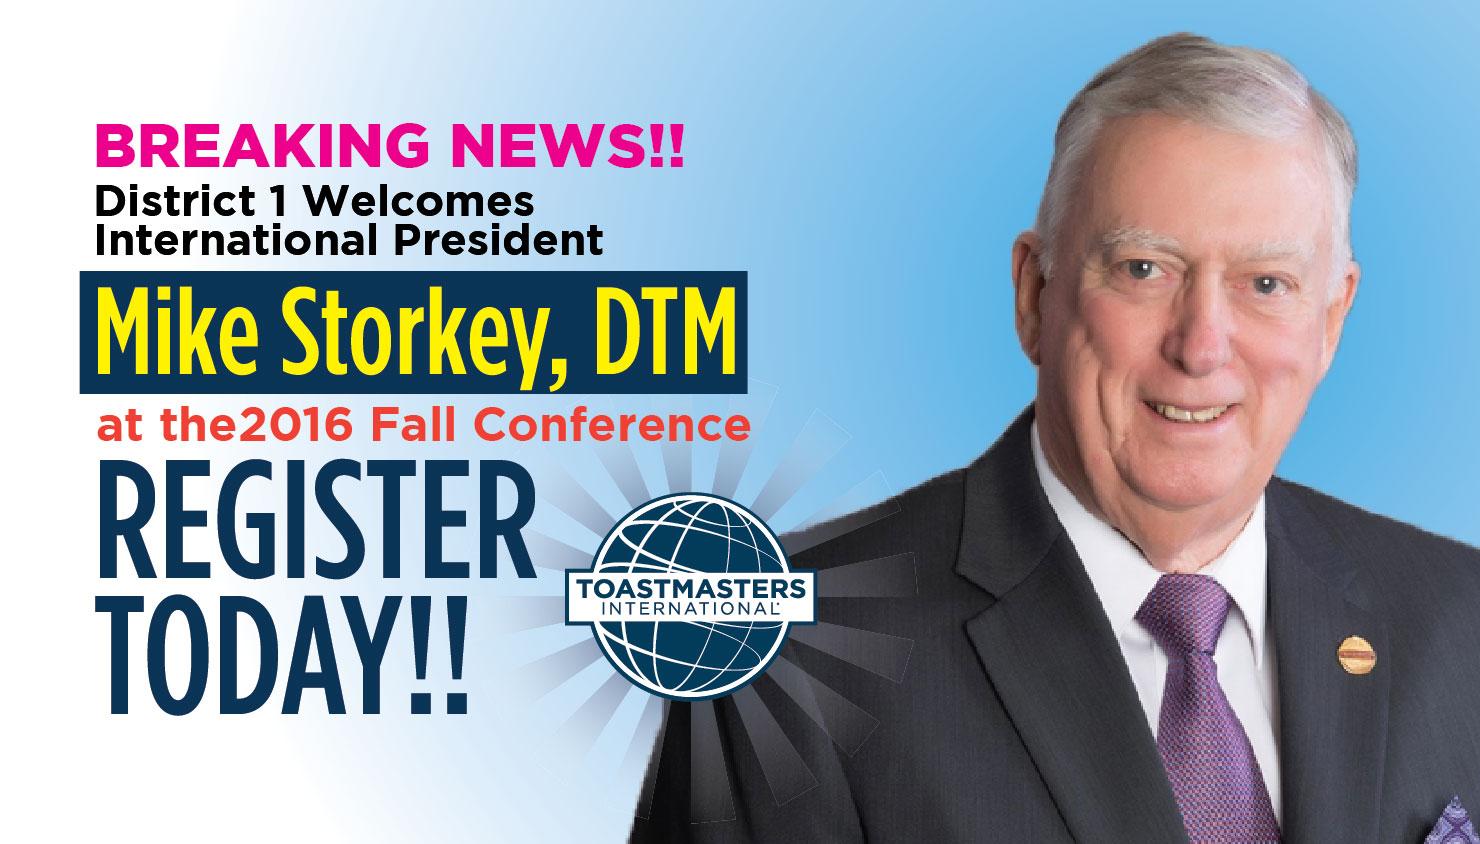 Mike Storkey